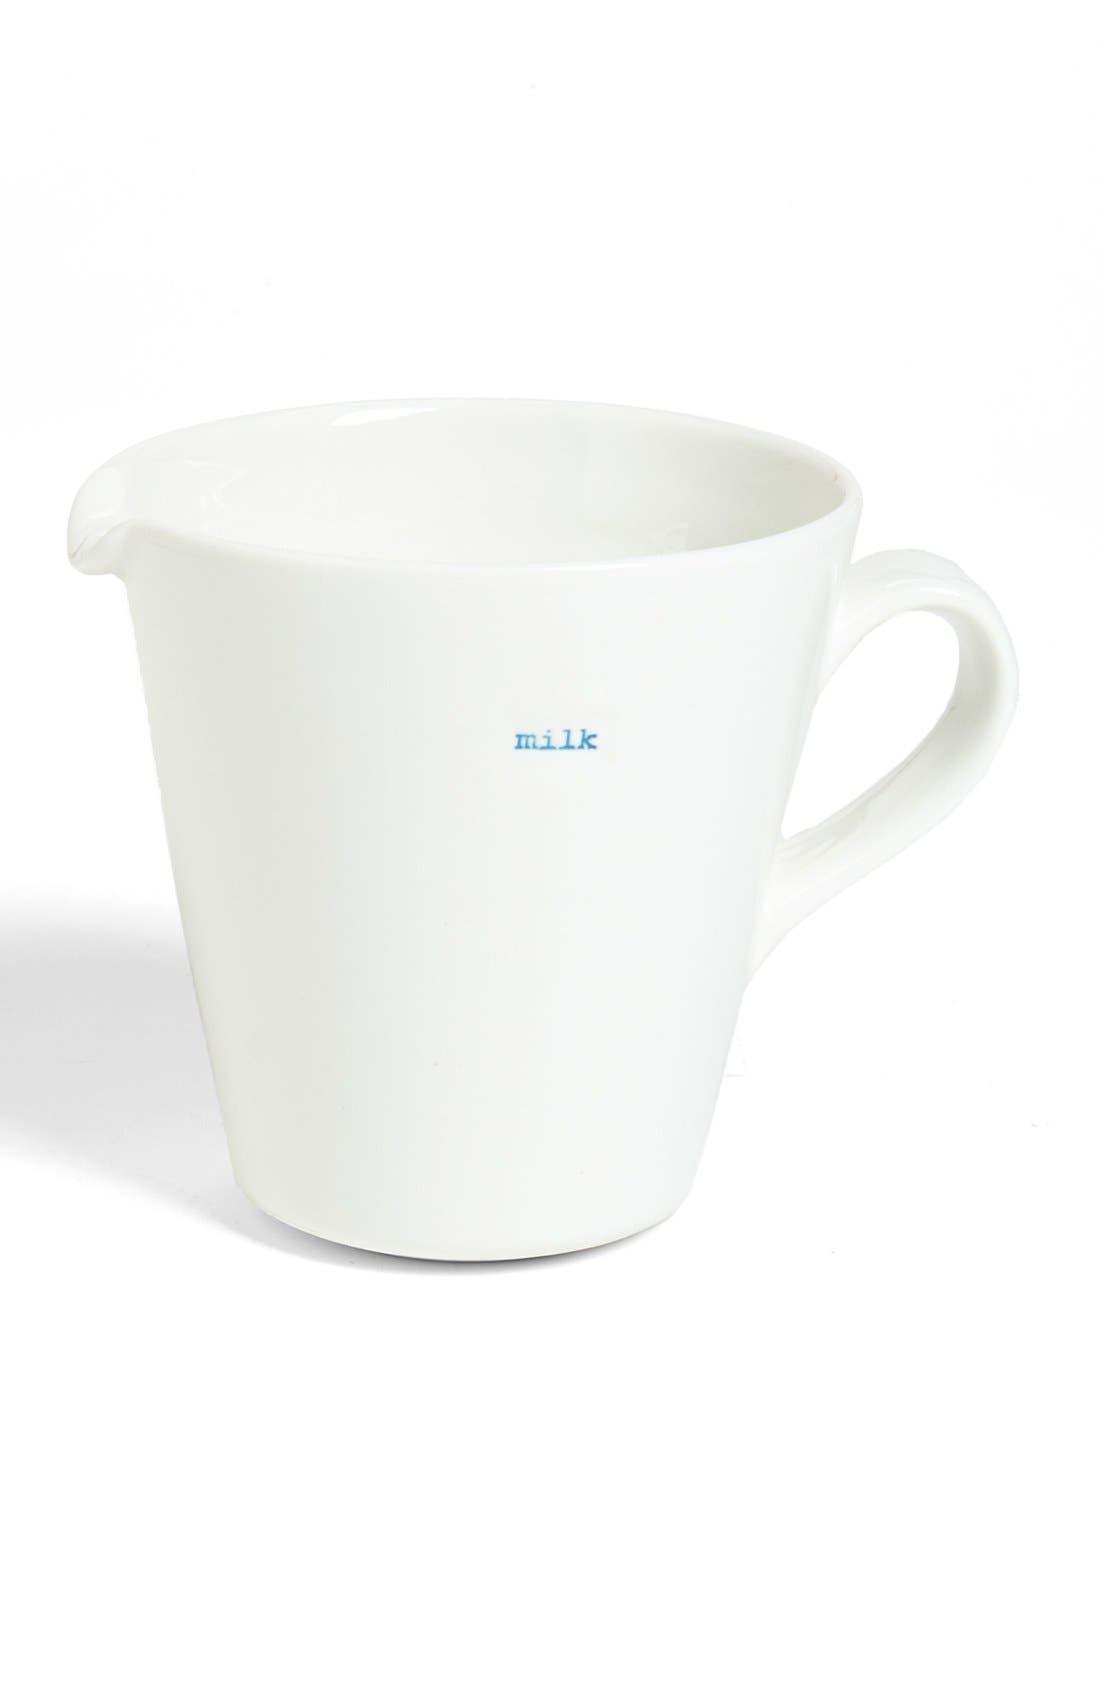 Alternate Image 1 Selected - Make International 'Milk' Porcelain Jug